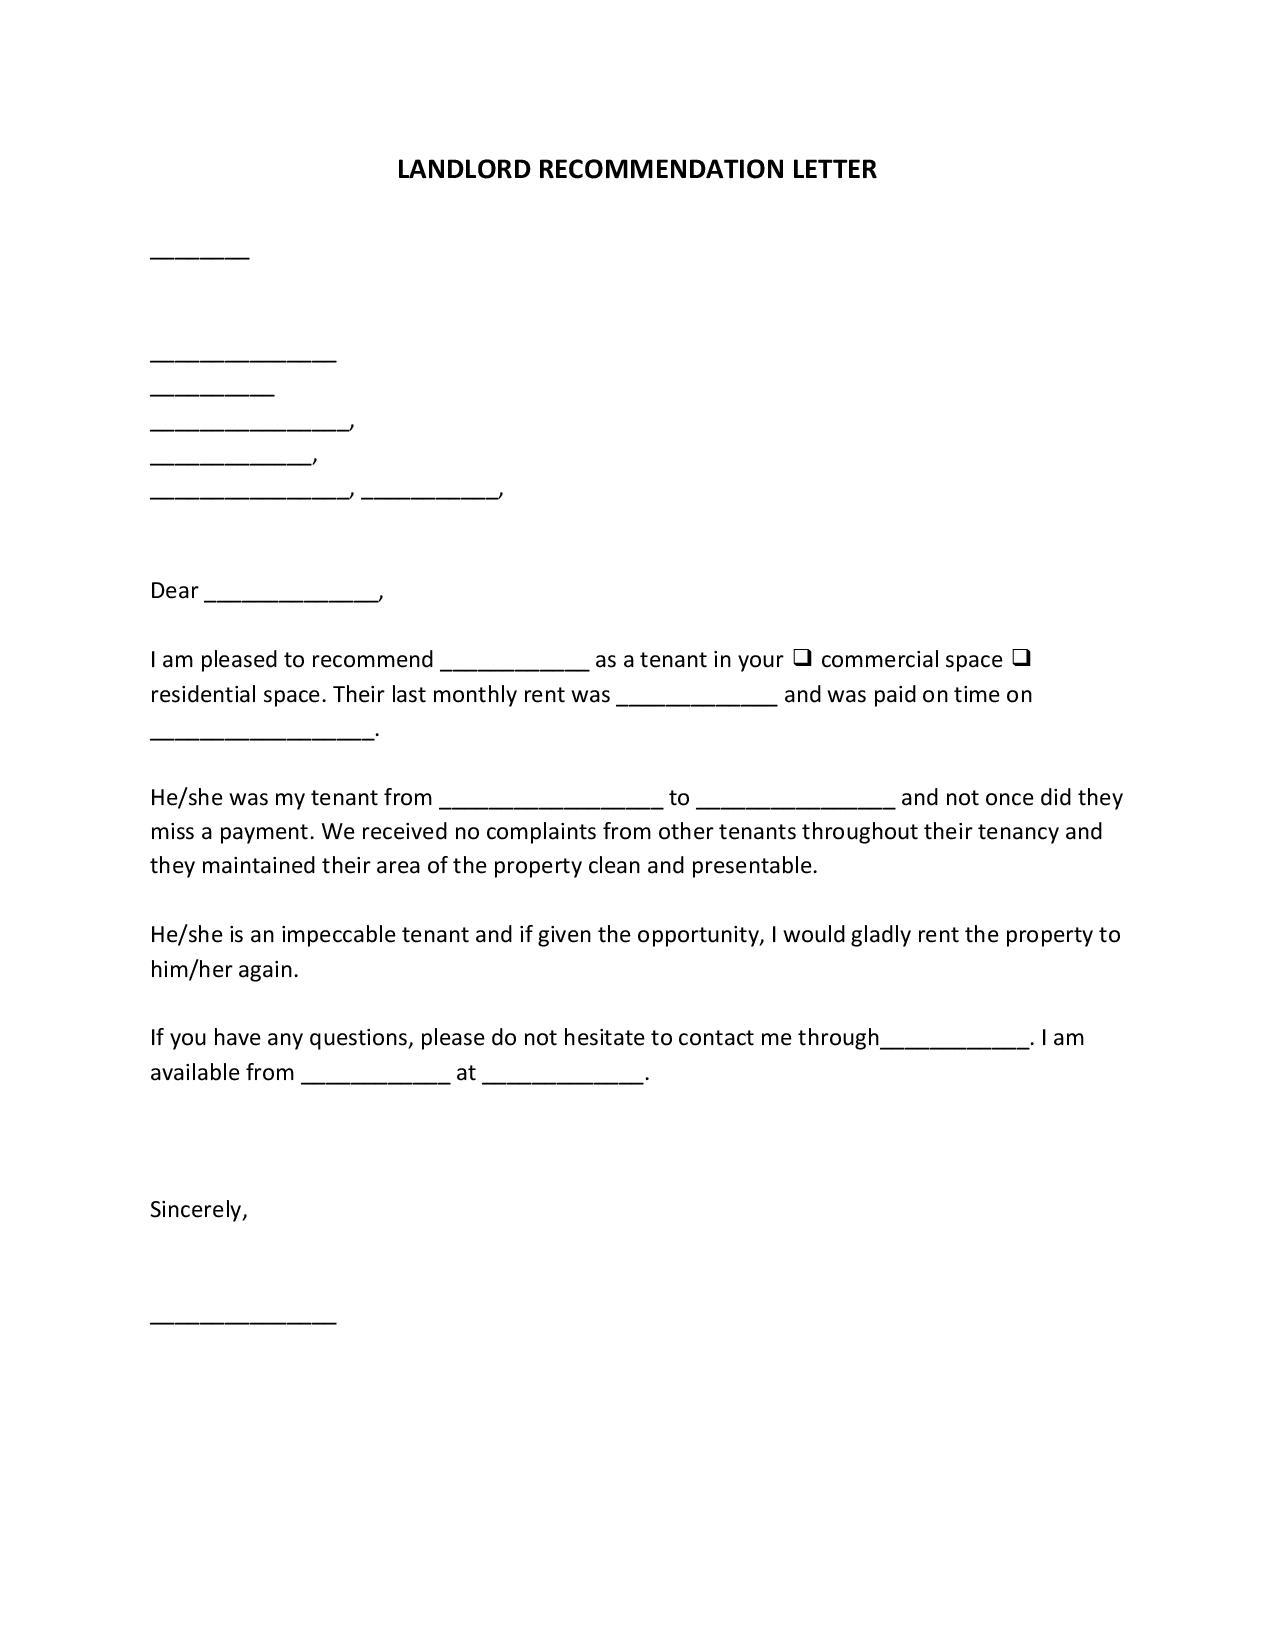 tenantlandlordrecommendationletter